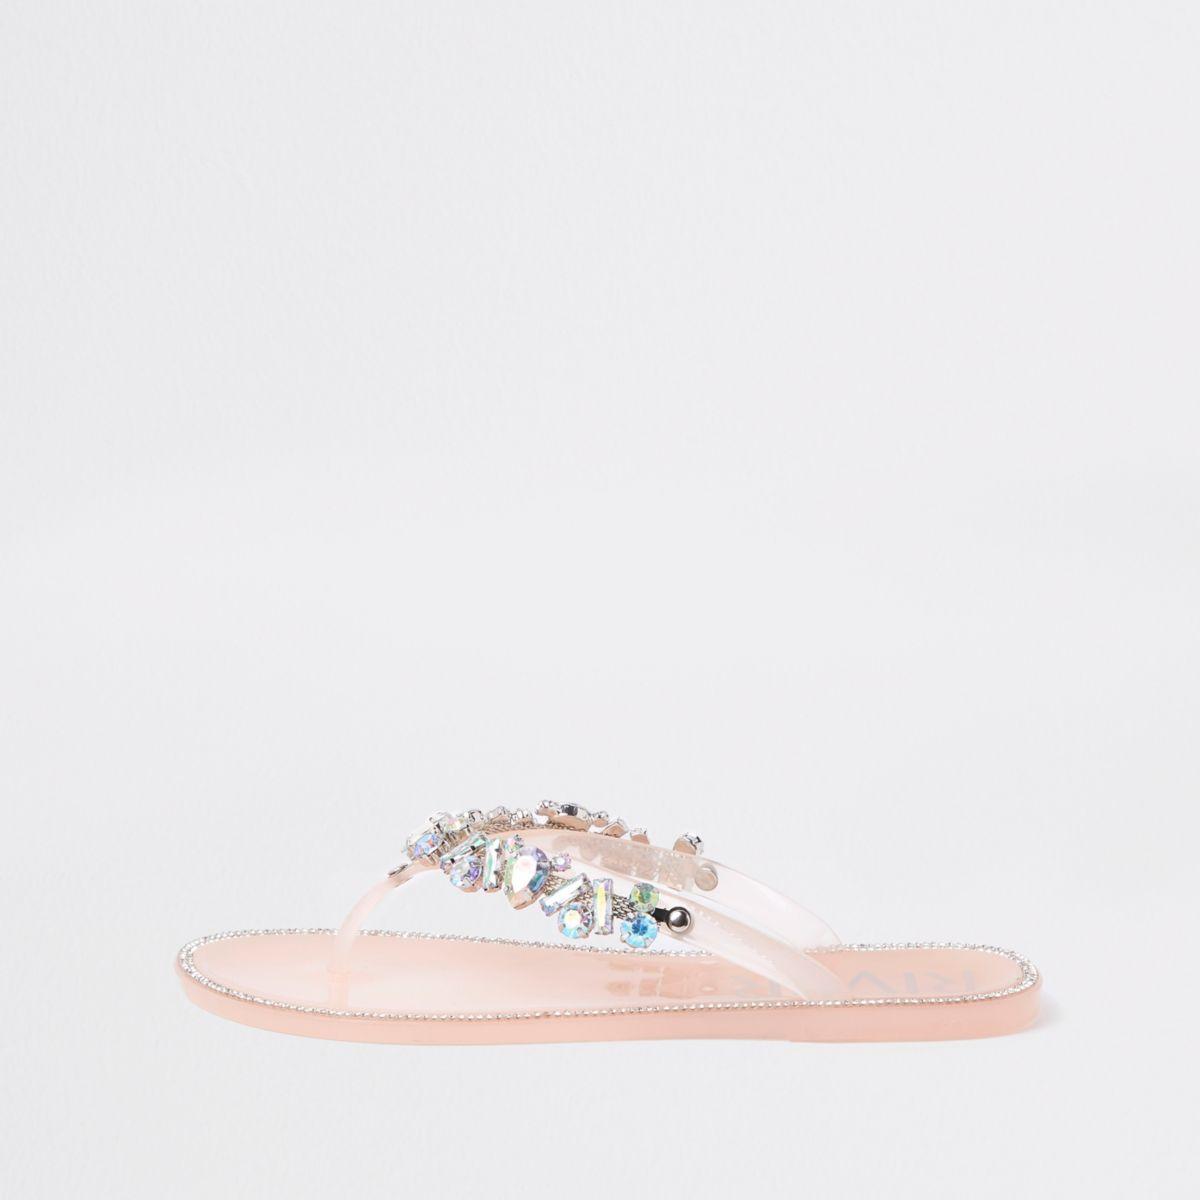 Pink jewel embellished flip flops